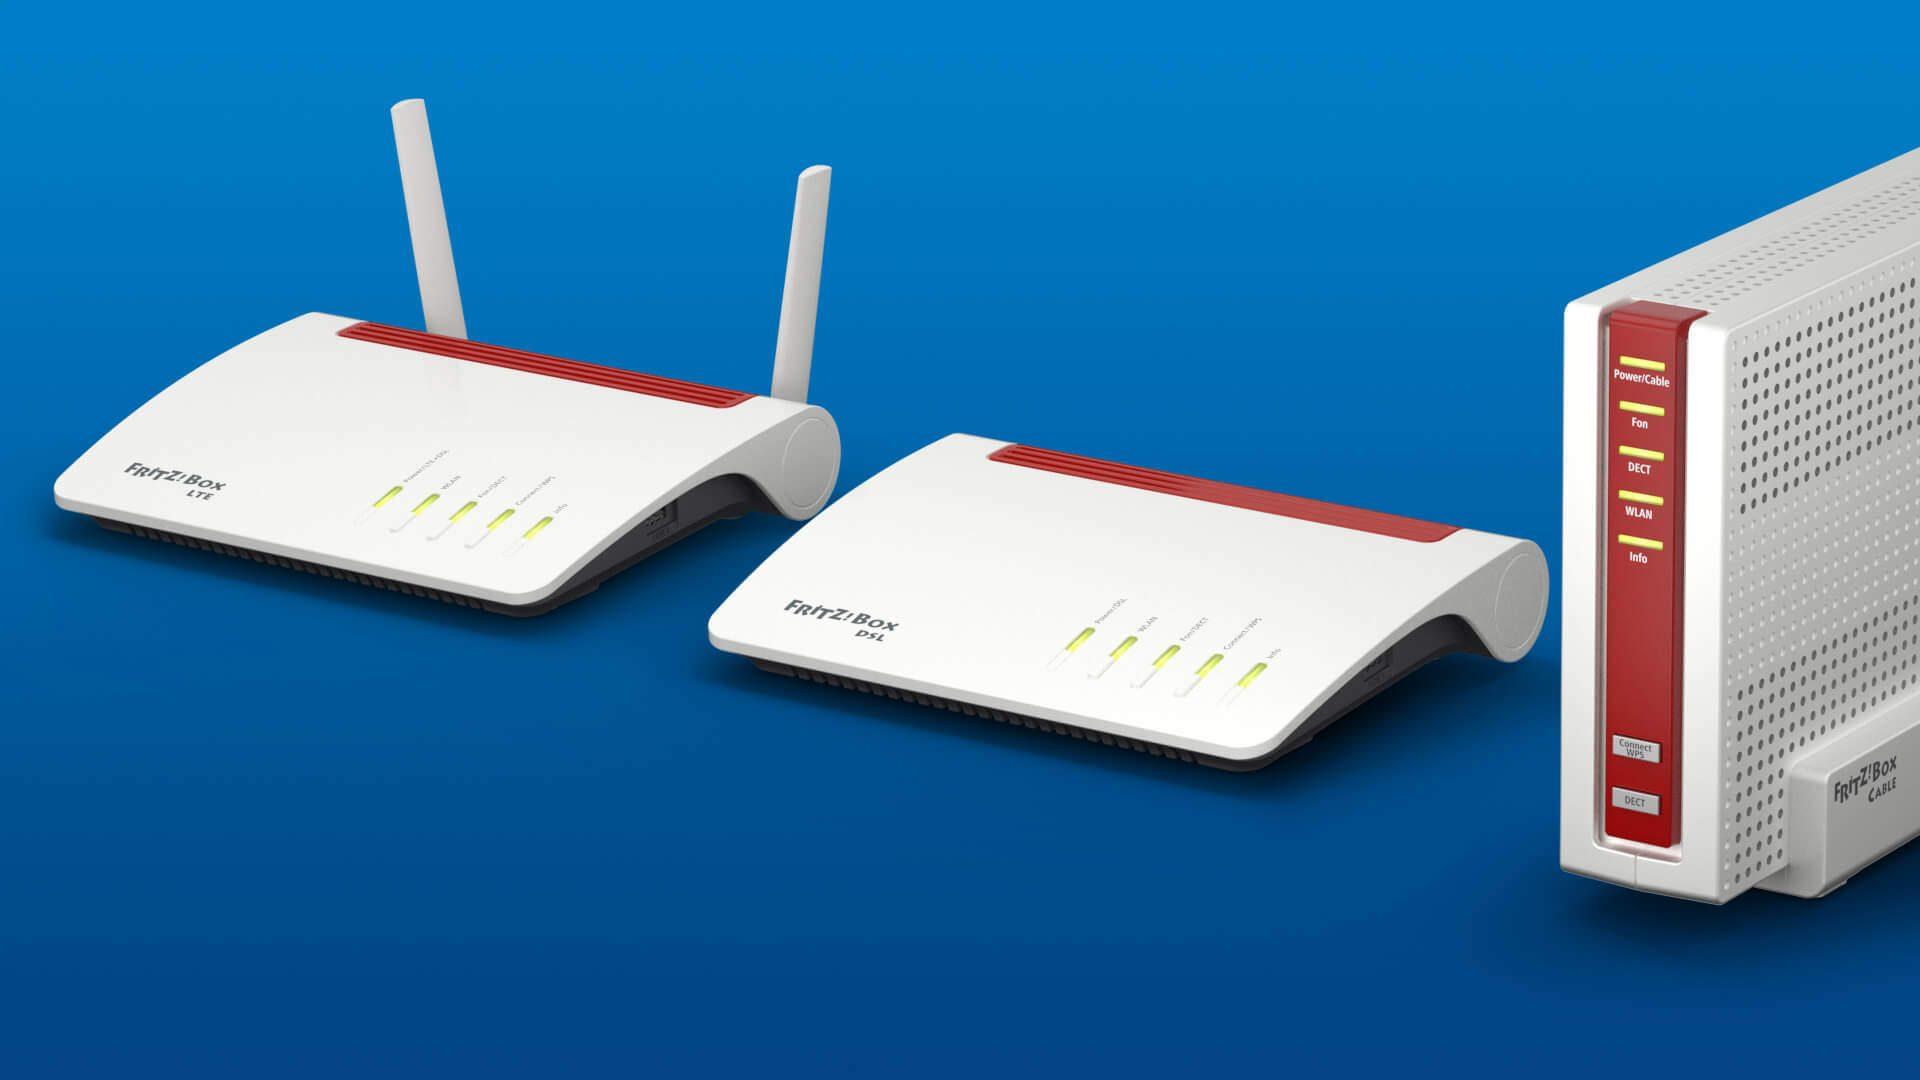 FRITZ!Box 7590, 6590 und 6890 LTE